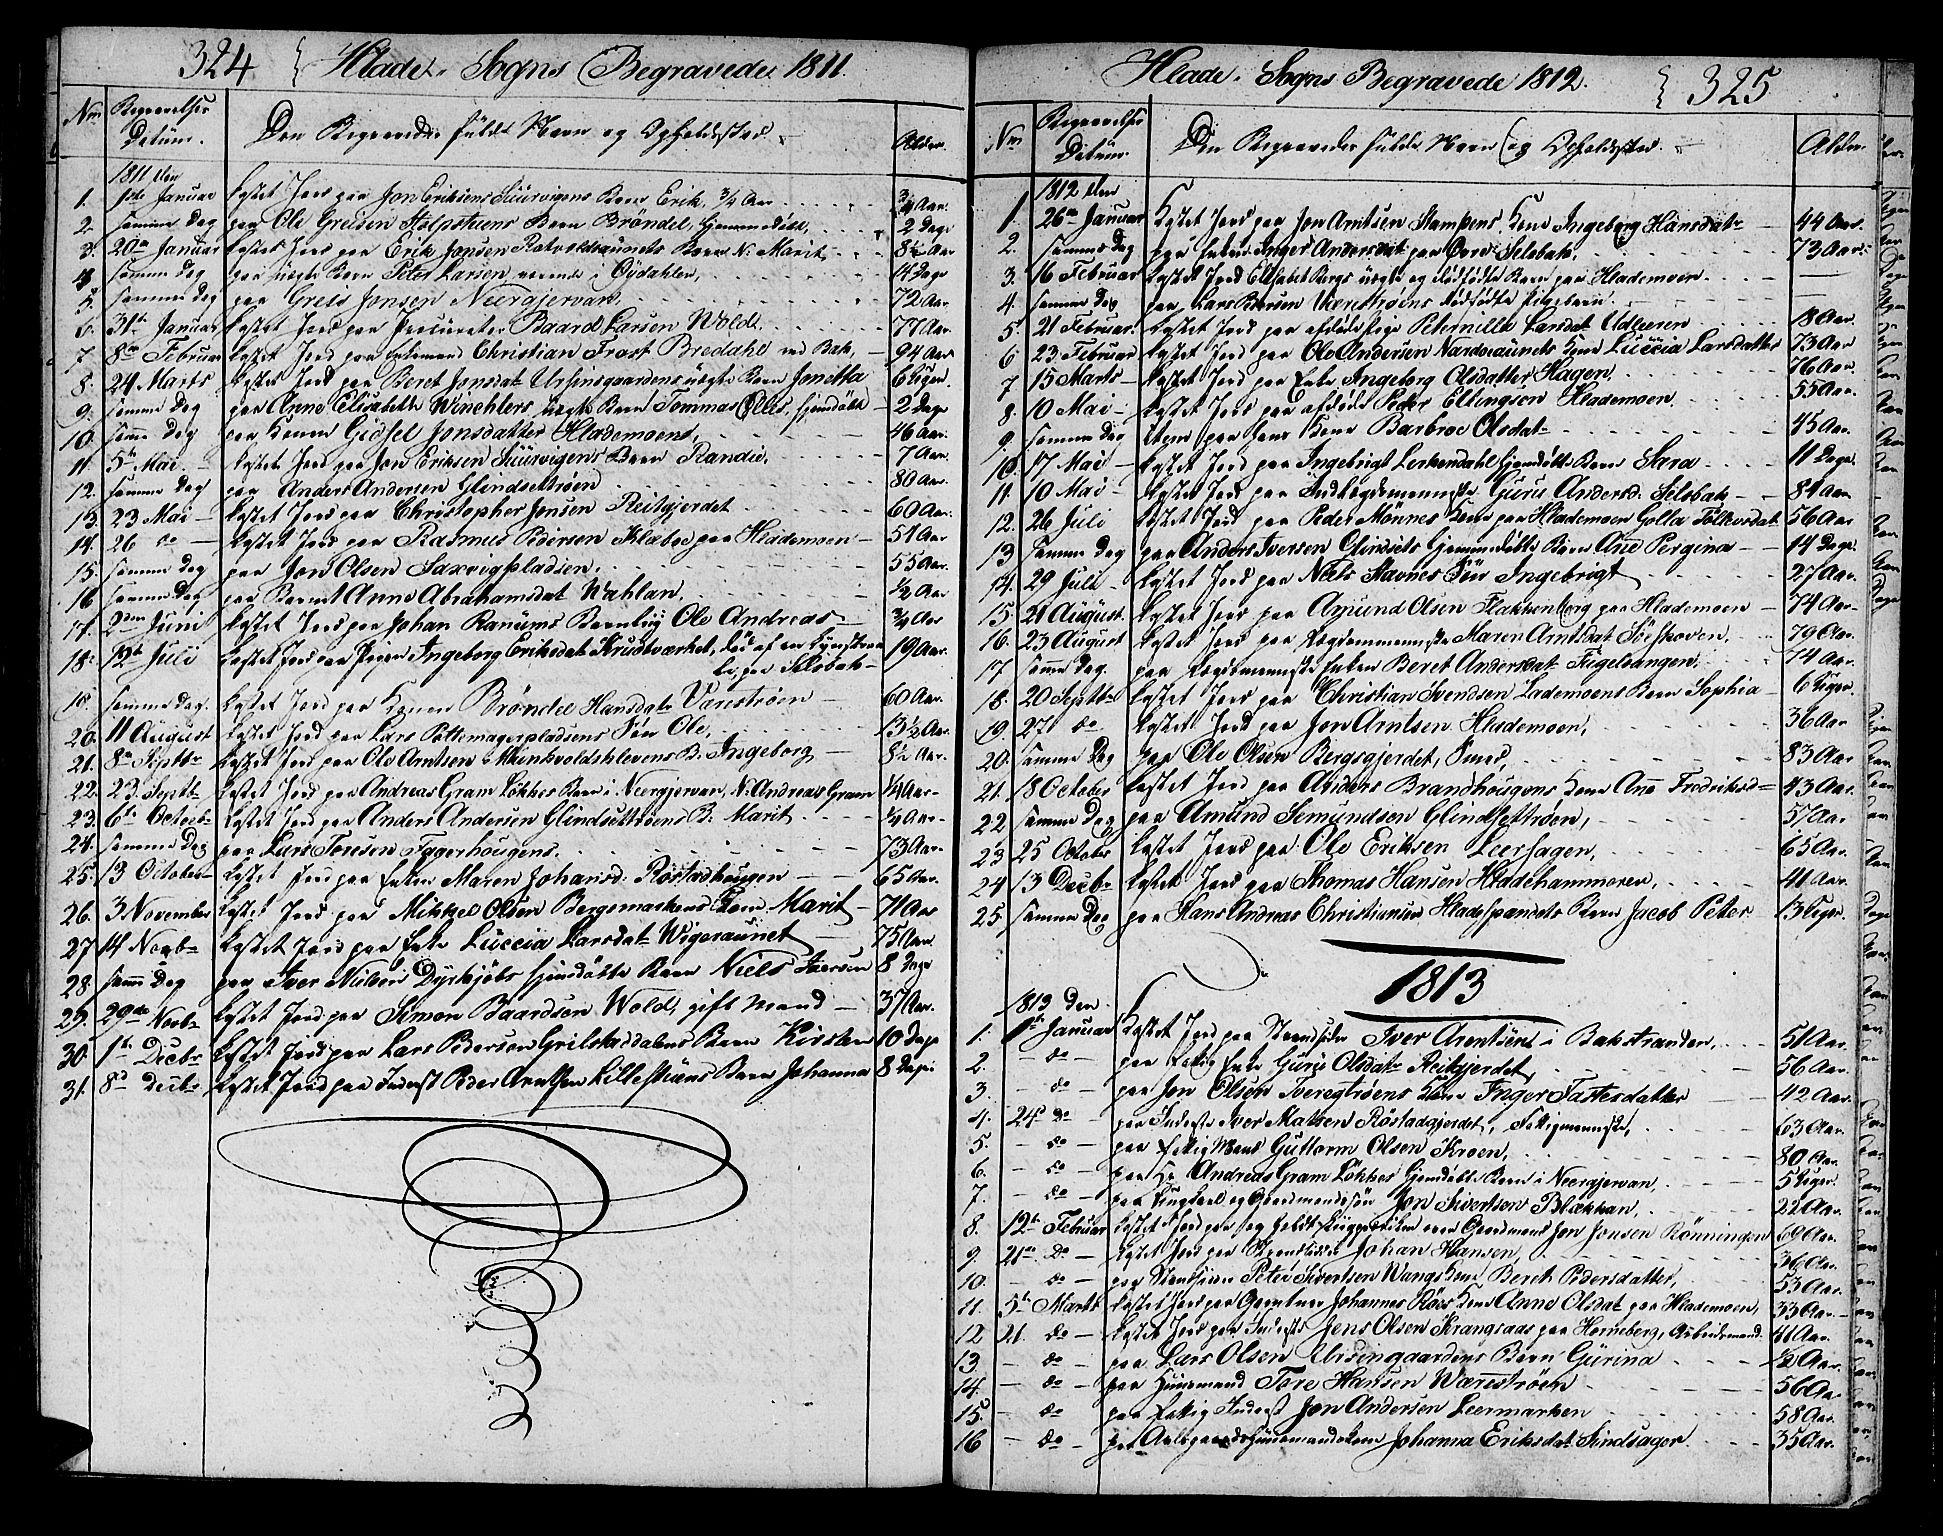 SAT, Ministerialprotokoller, klokkerbøker og fødselsregistre - Sør-Trøndelag, 606/L0306: Klokkerbok nr. 606C02, 1797-1829, s. 324-325